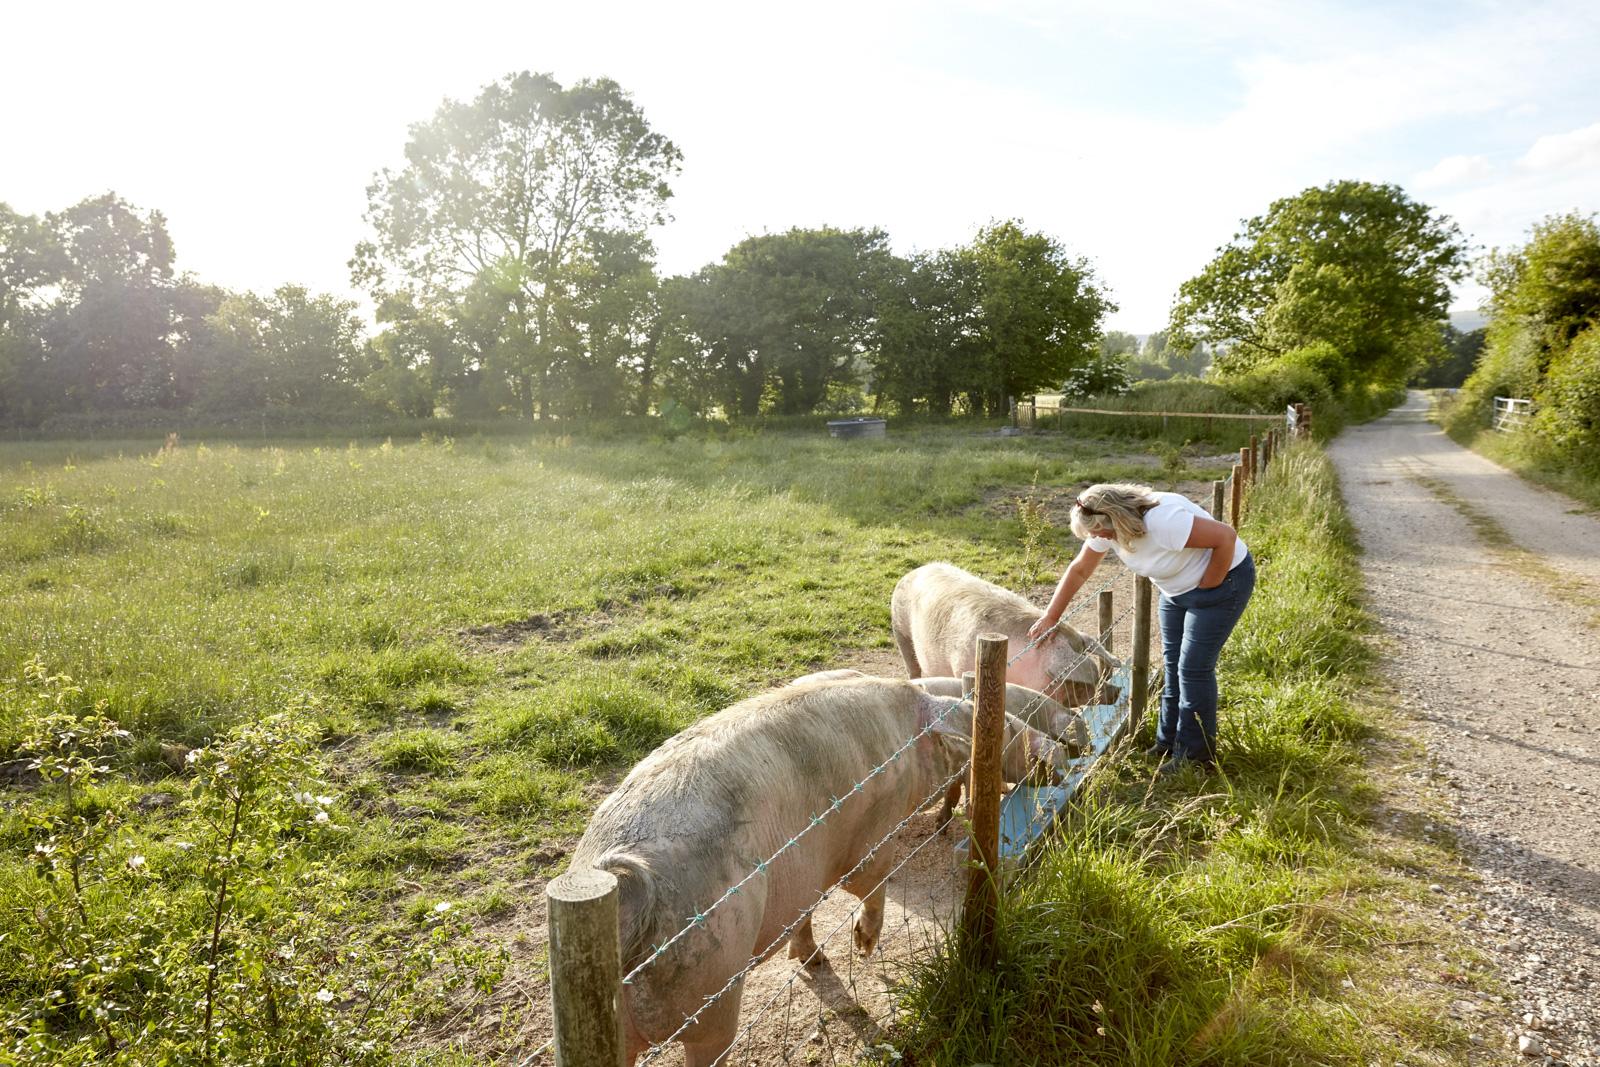 WW_LAWN_FARM_PIGS_004.jpg